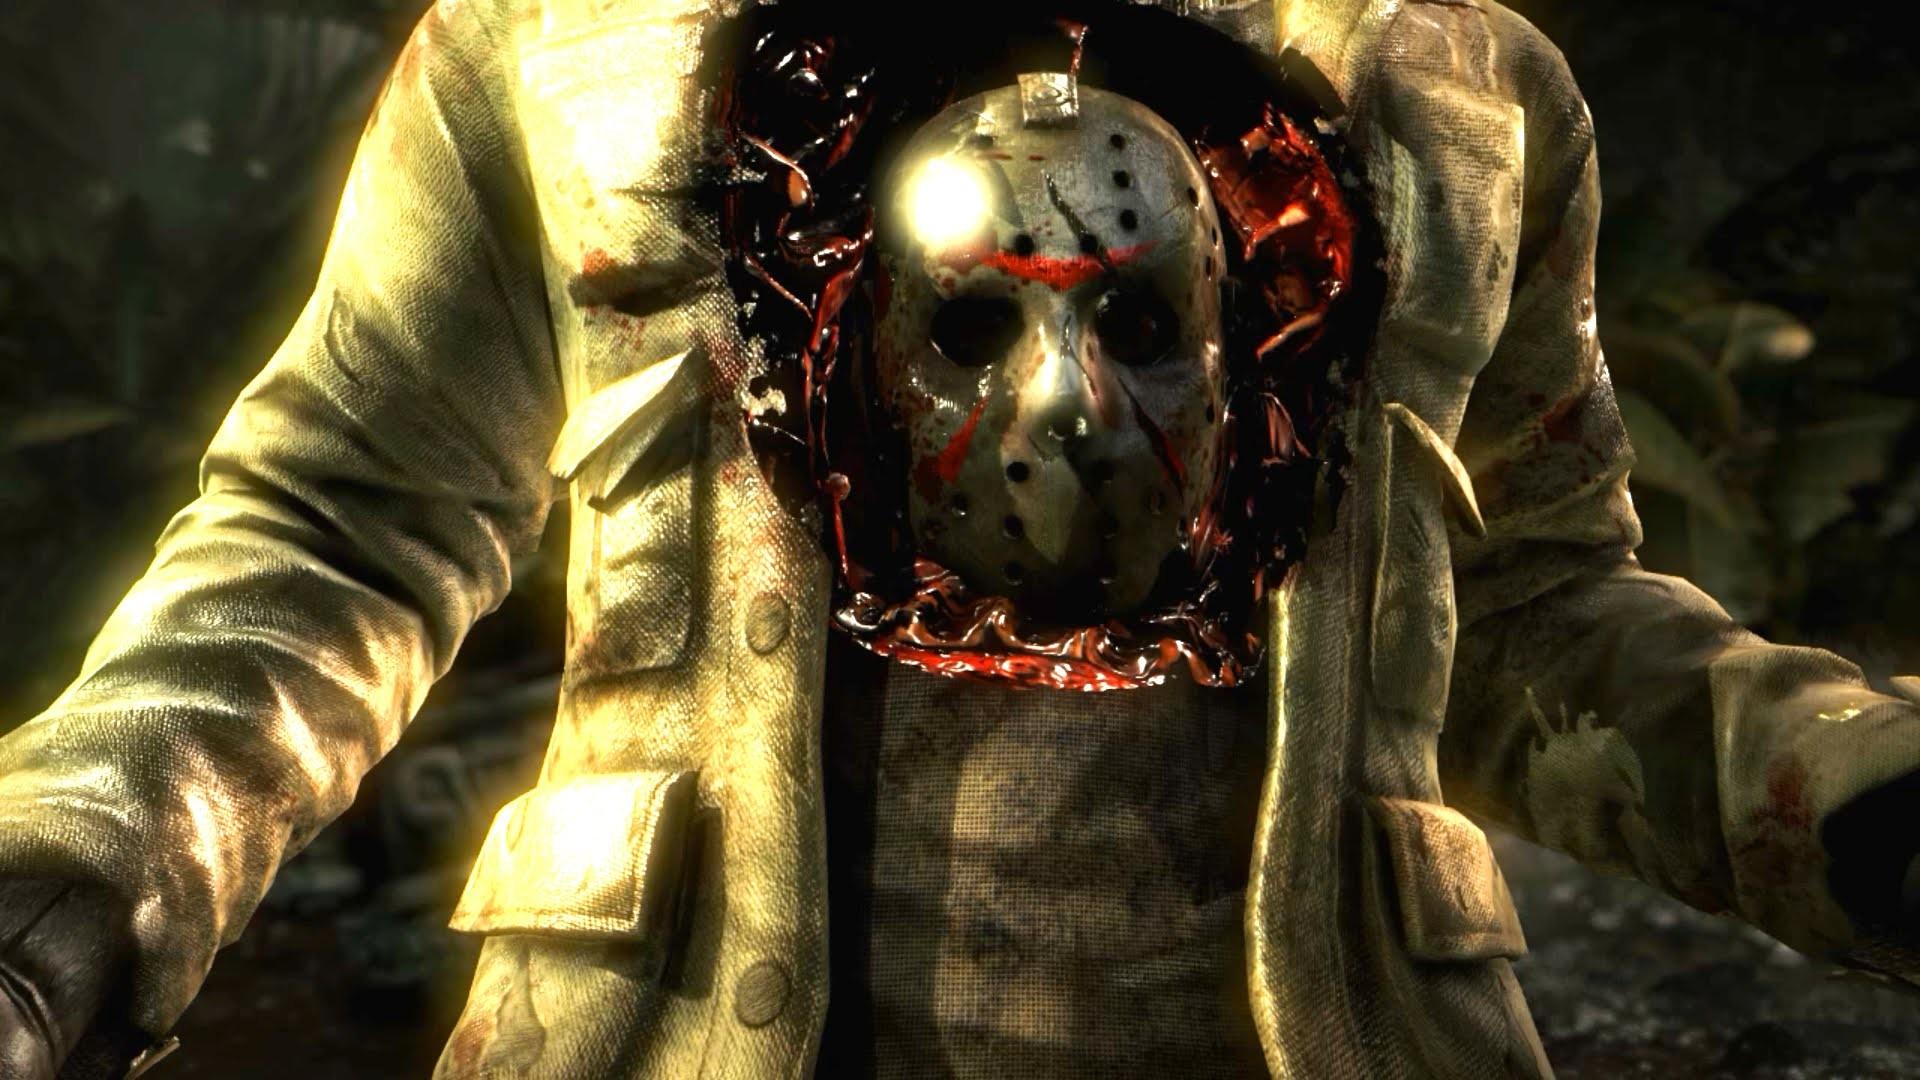 Goro Fatalities on Jason Voorhees: Mortal Kombat X